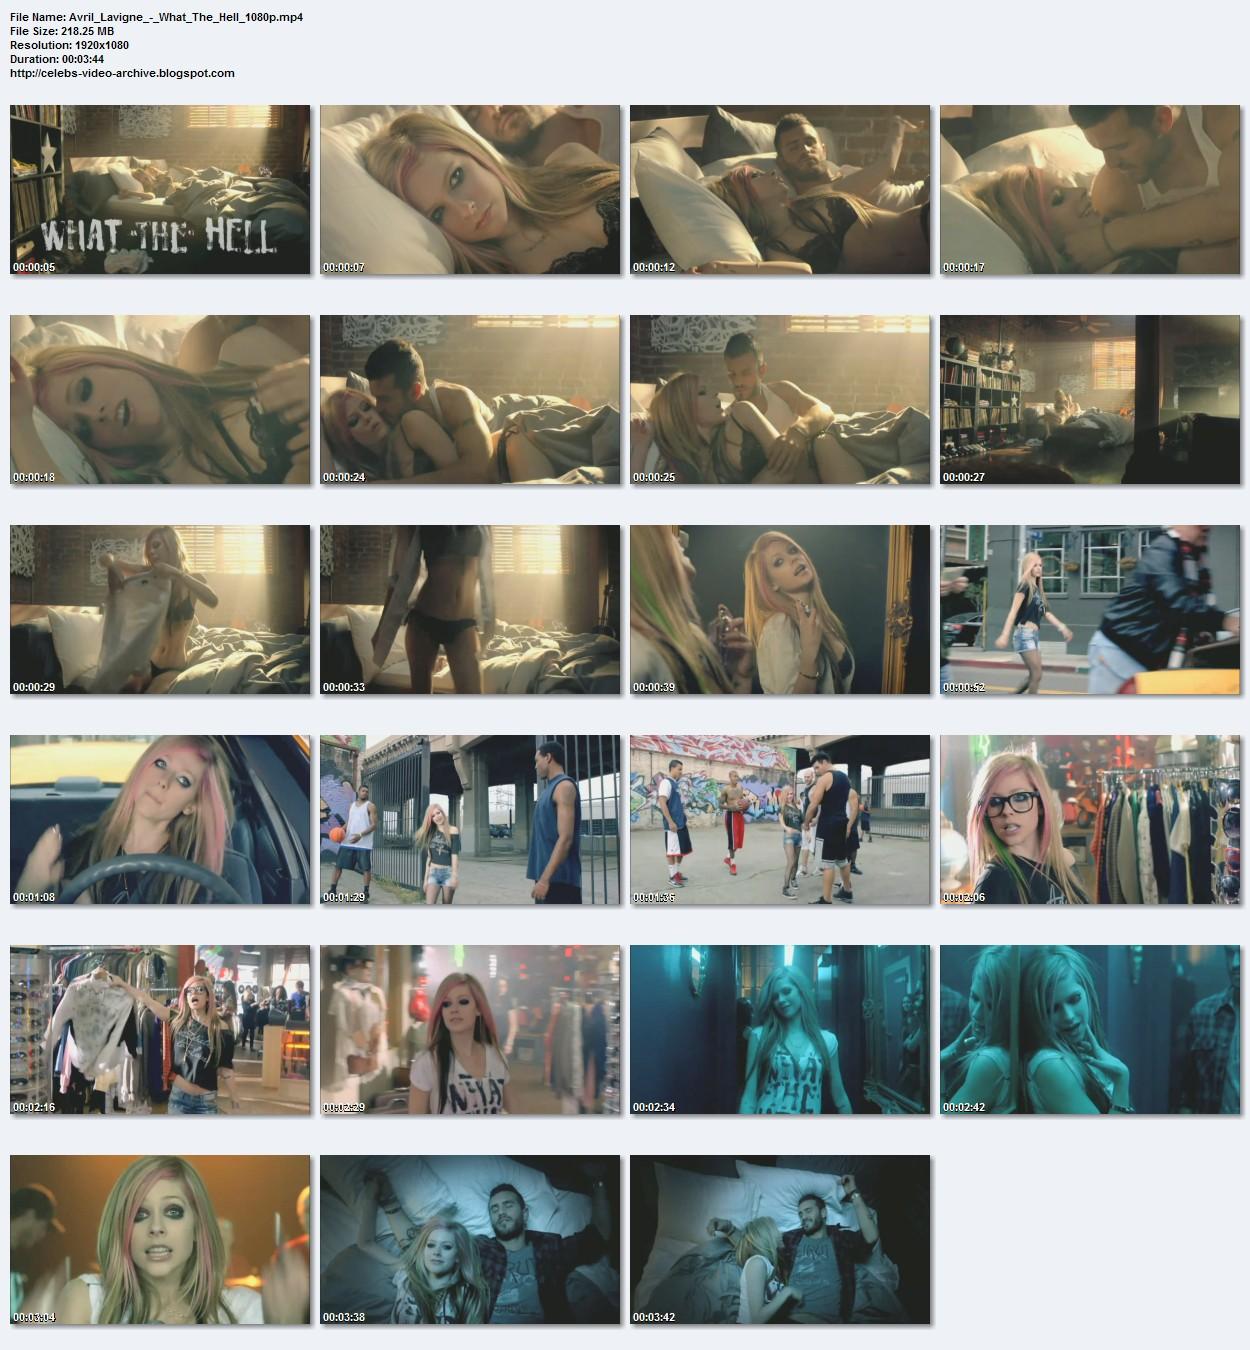 http://1.bp.blogspot.com/_XZtbXfzGwsI/TU3F73_fvsI/AAAAAAAAAcU/T6Tc39C07IU/s1600/Avril_Lavigne_-_What_The_Hell_1080p.jpg